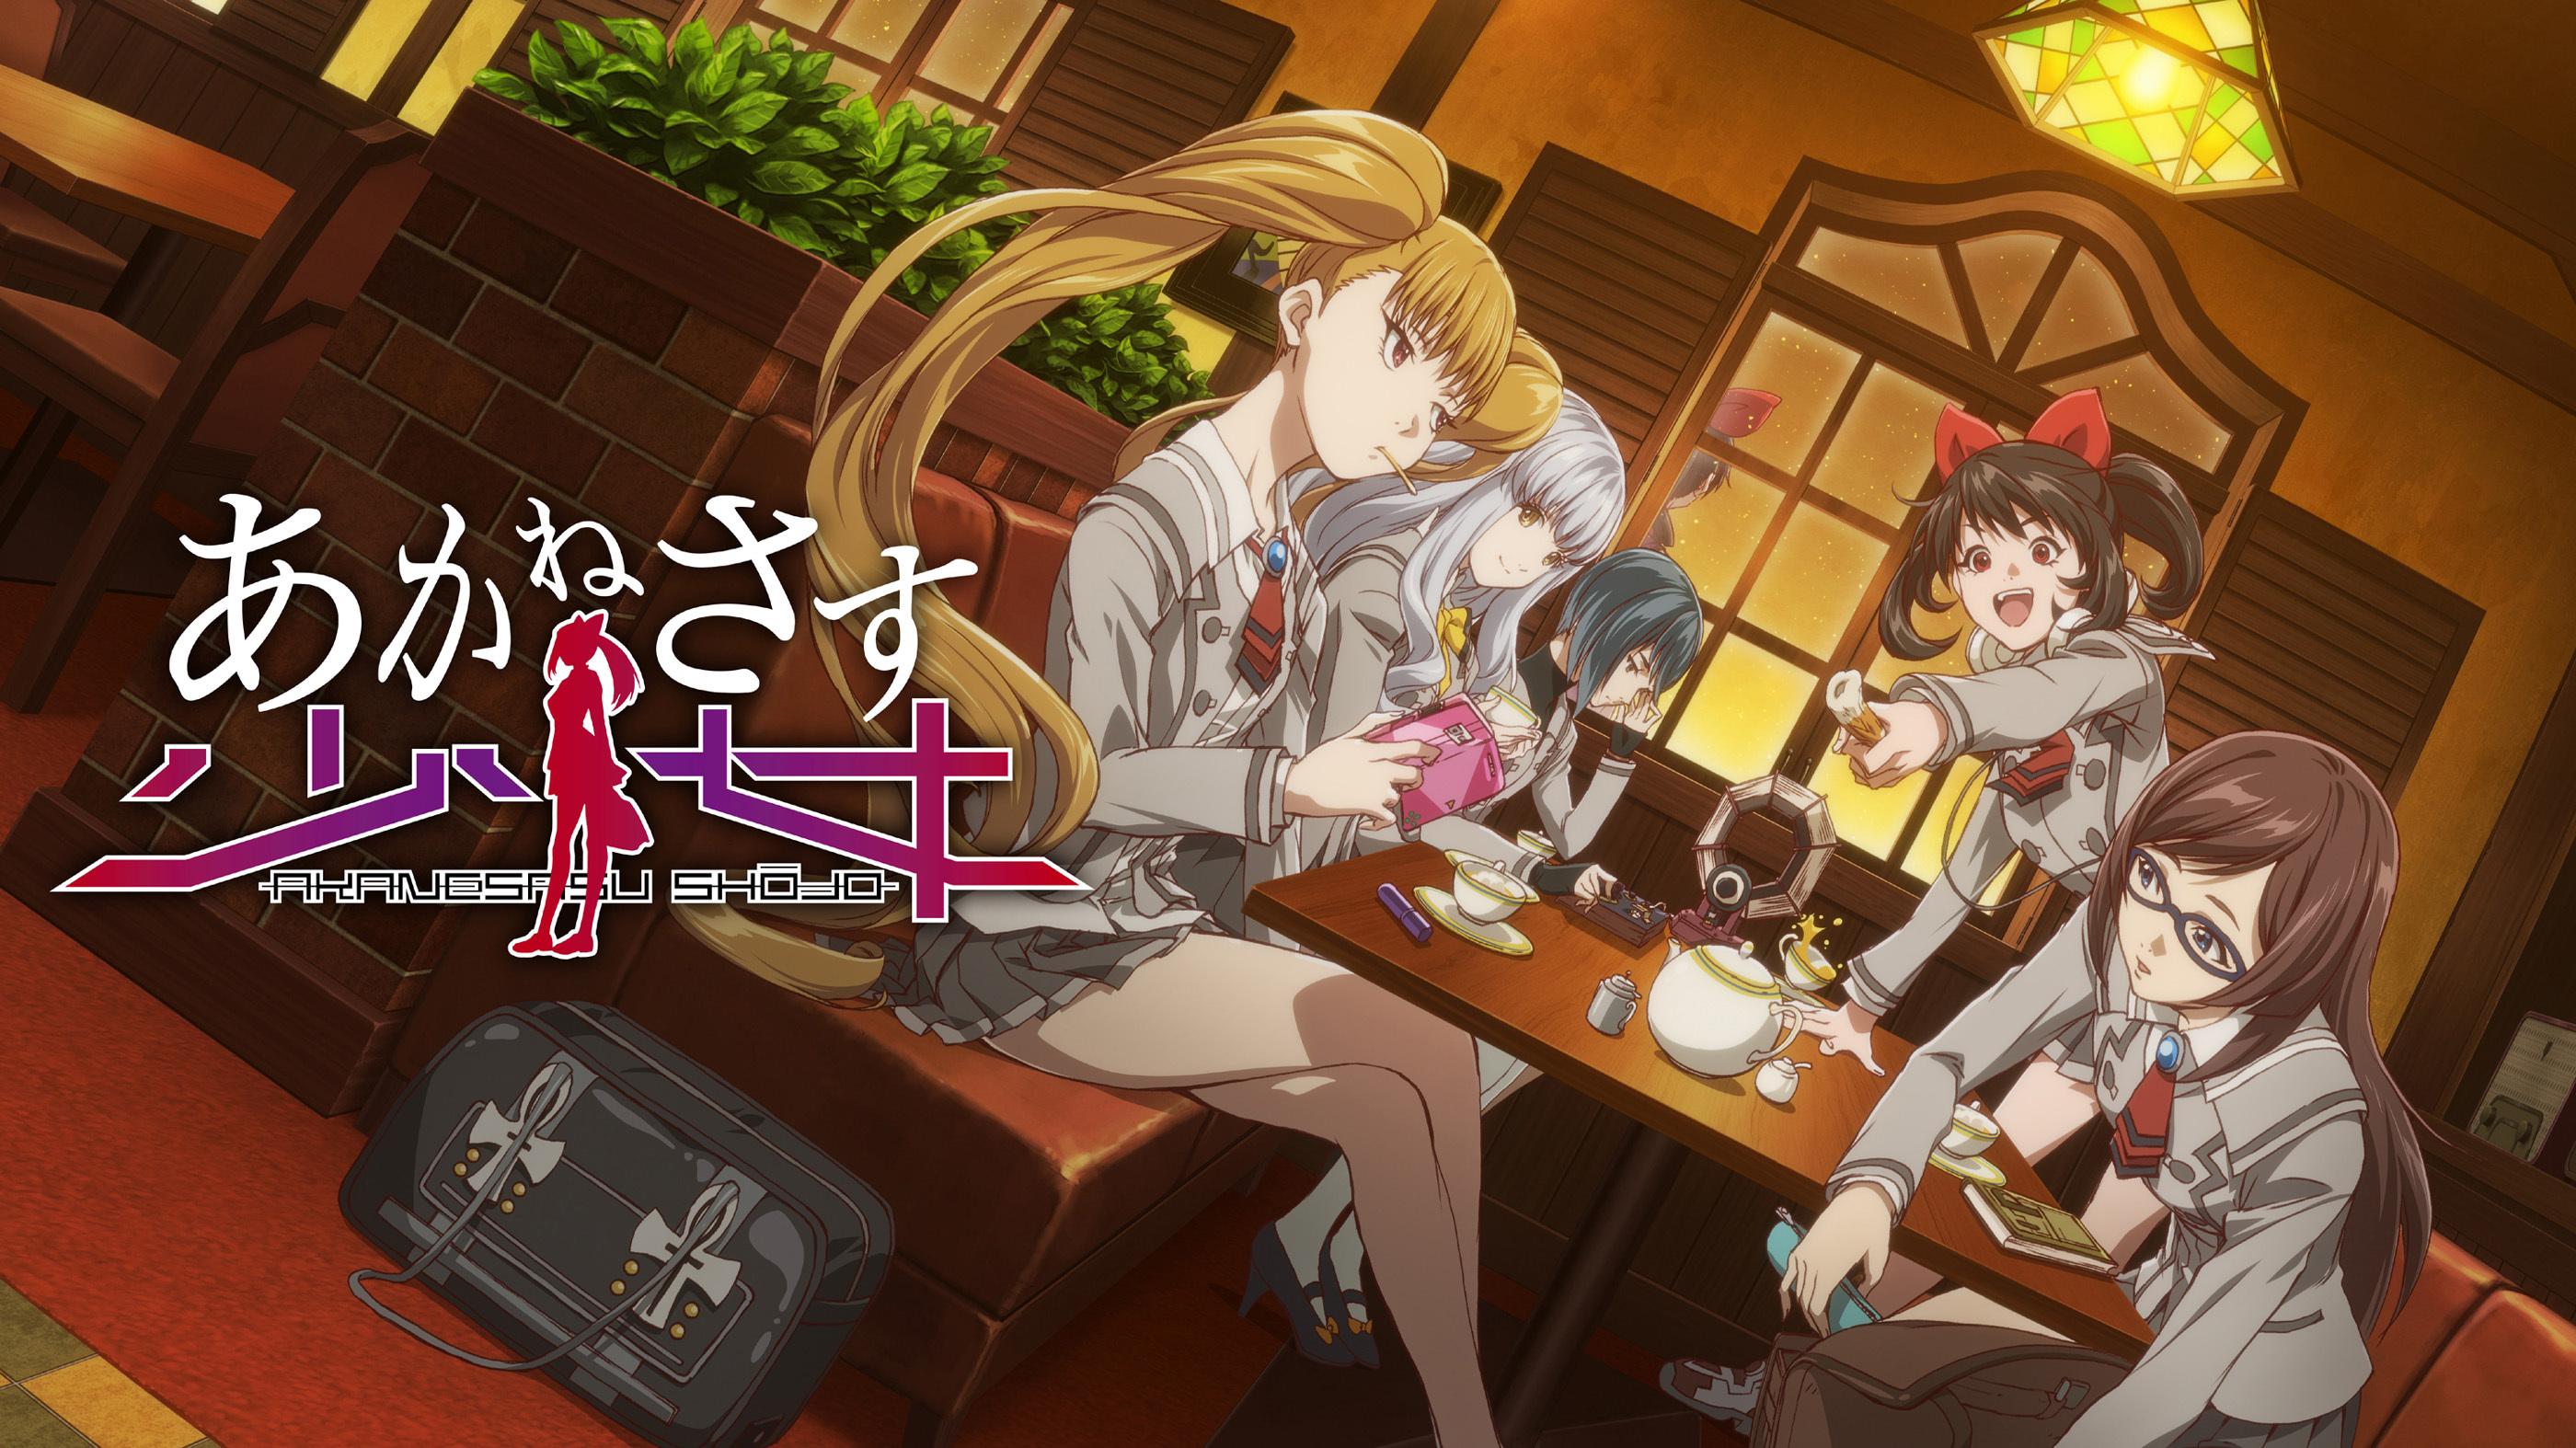 『あかねさす少女』キービジュアル  (C)Akanesasu Anime Project、 (C)Akanesasu Game Project